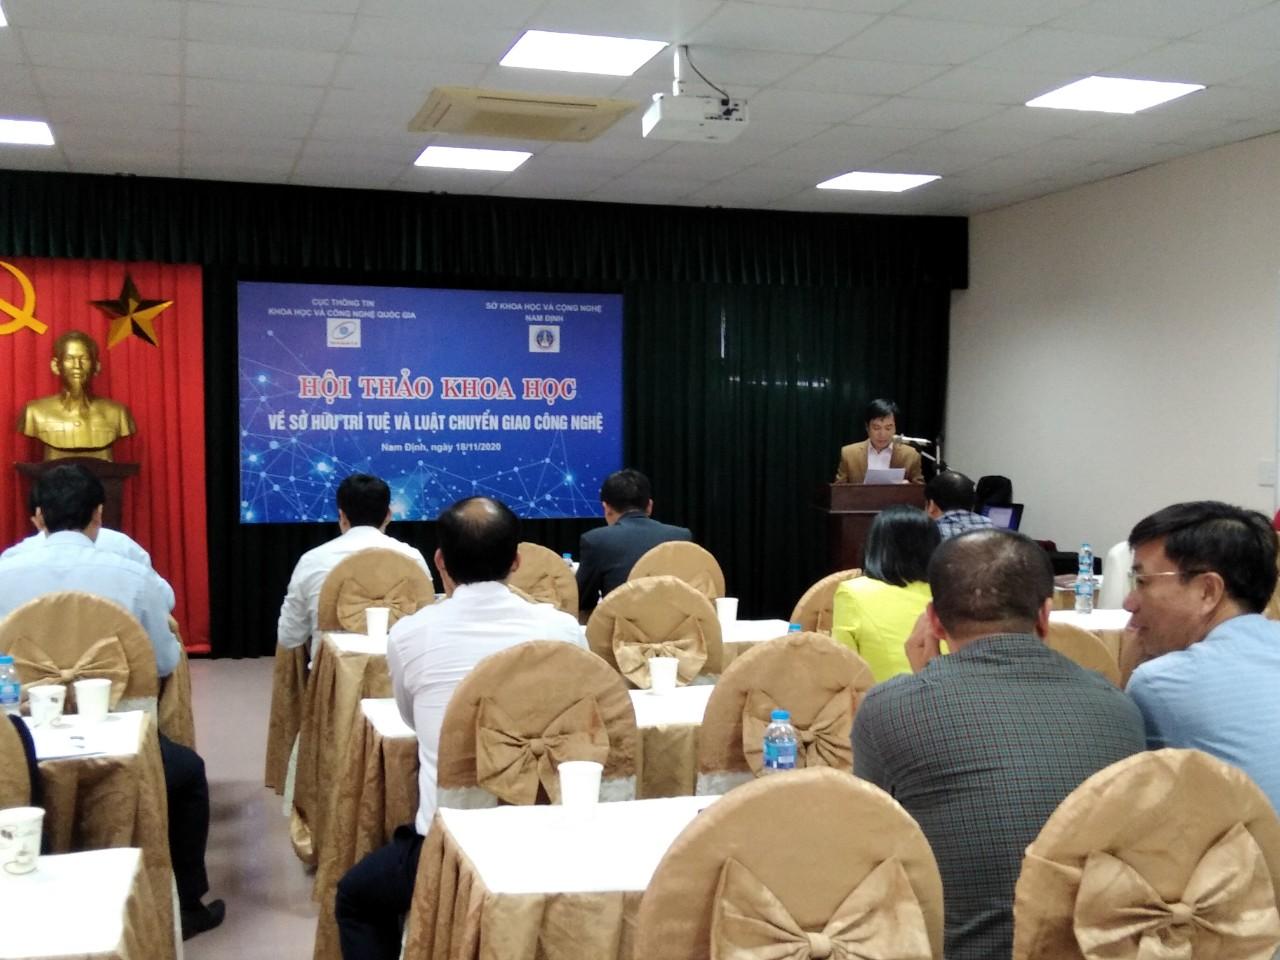 Hội thảo khoa học về sở hữu trí tuệ và luật chuyển giao công nghệ